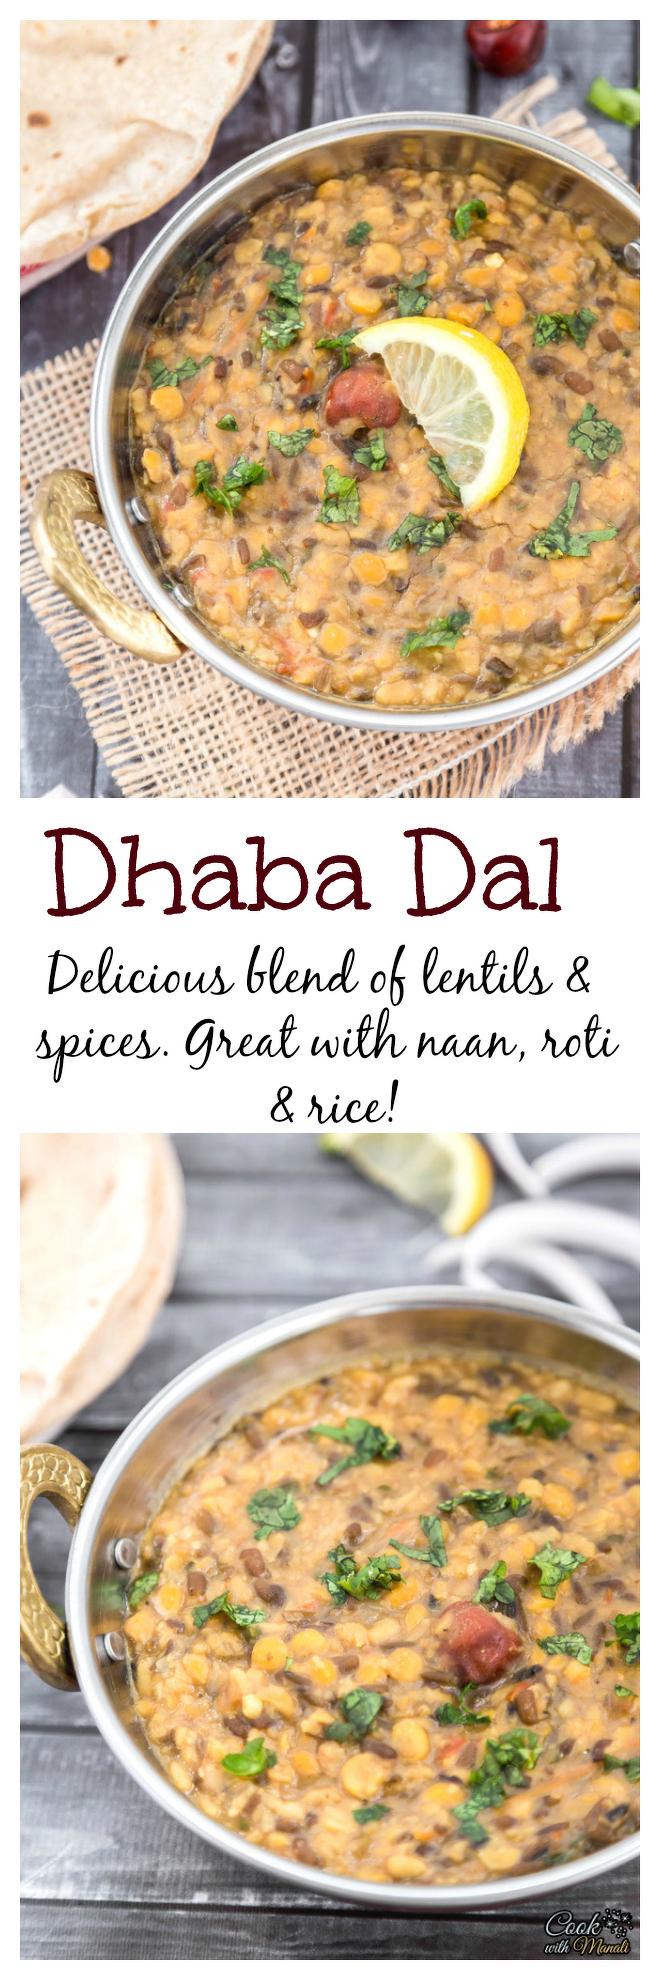 Dhaba Dal Collage-nocwm